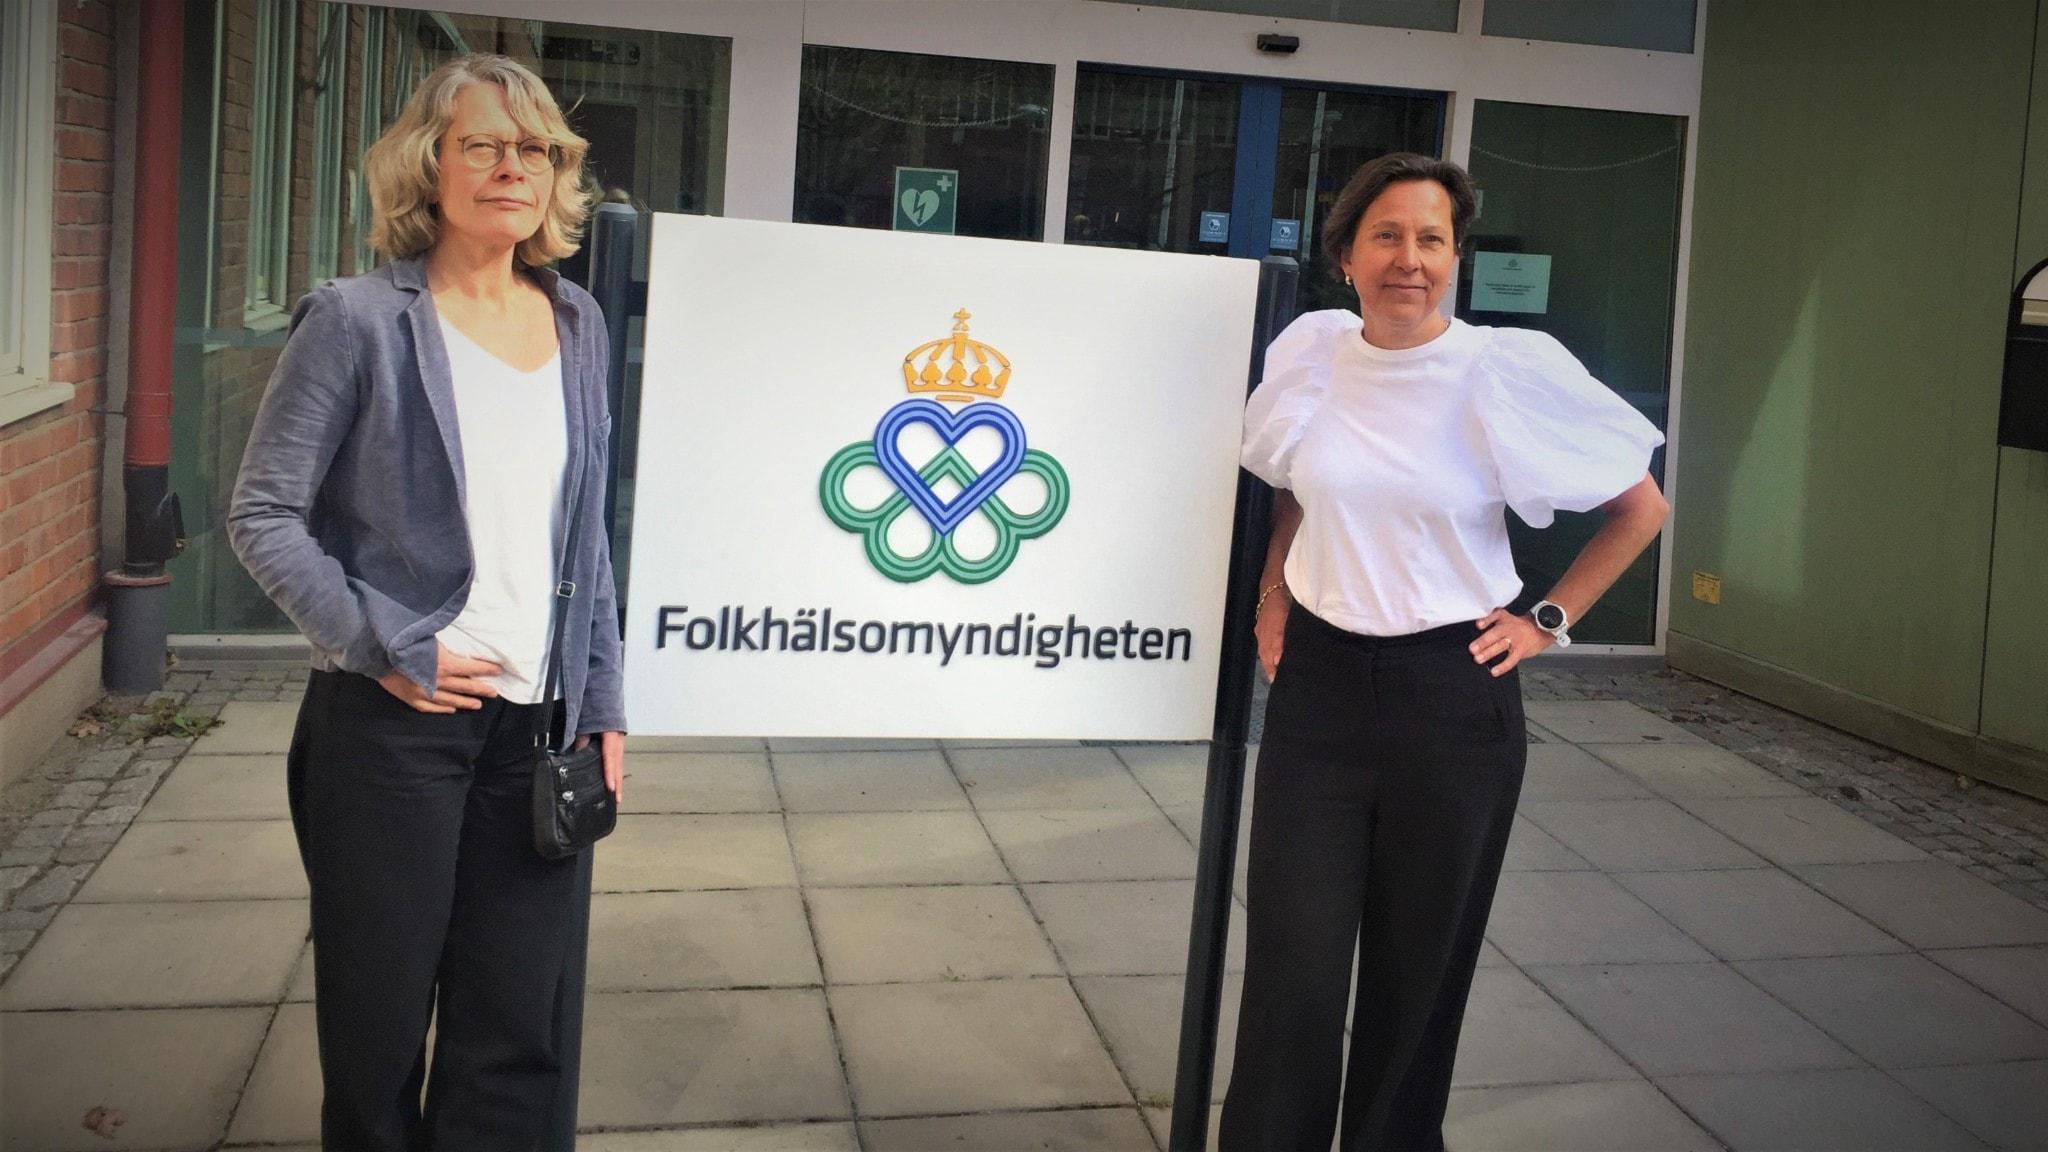 Analyschef Lisa Brouwers och epidemiolog Maria Axelsson utanför Folkhälsomyndigheten i Solna.